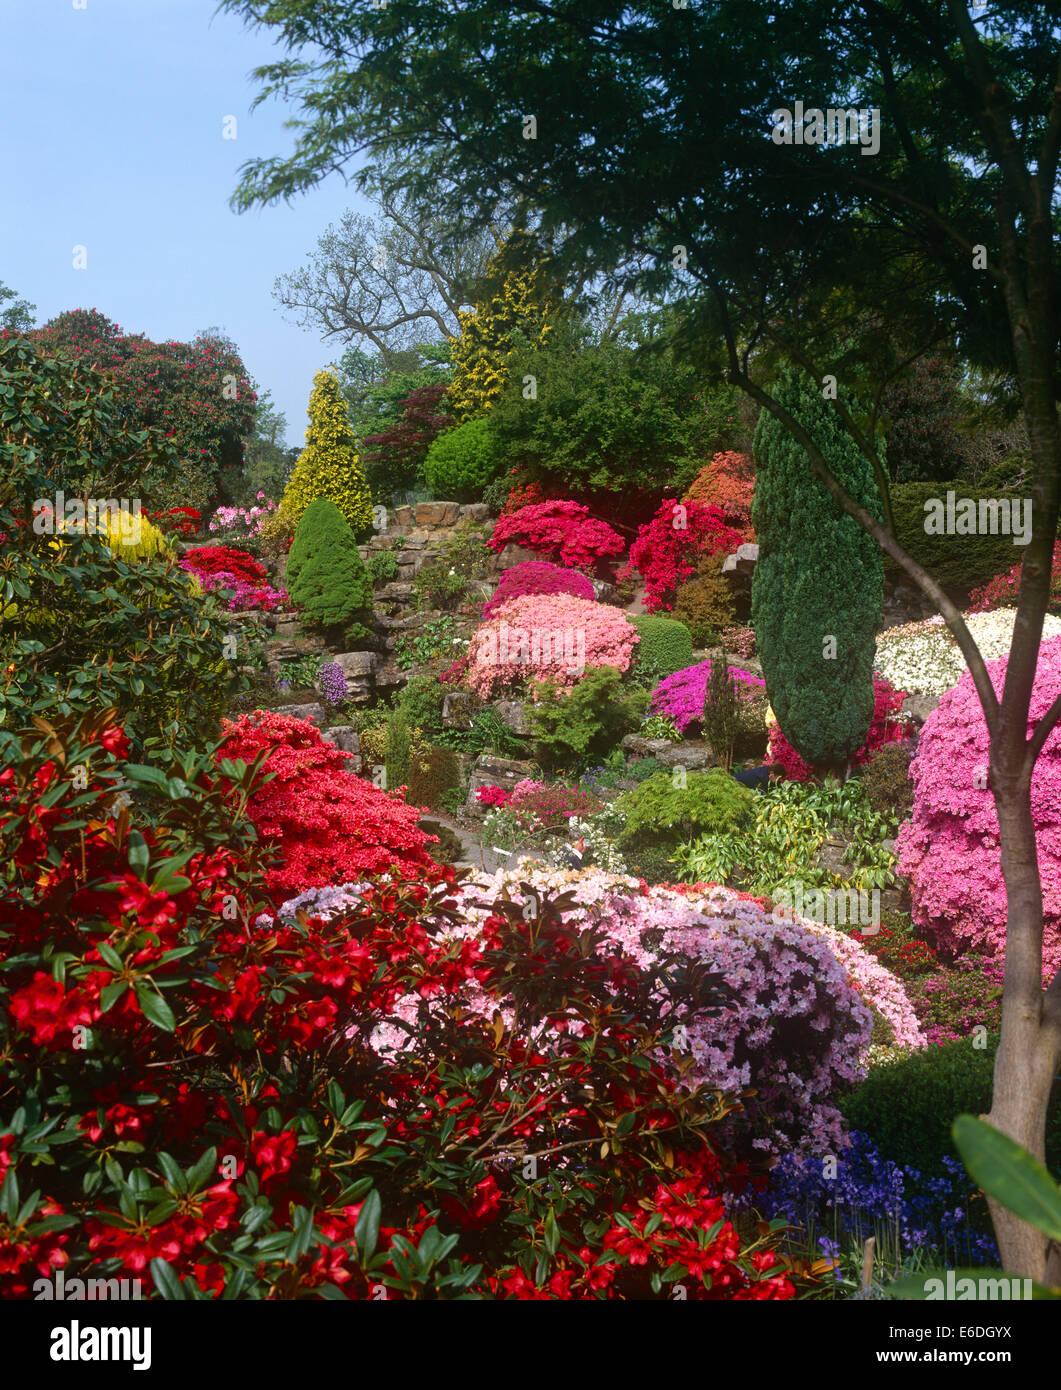 Le Rock Garden Gardens West Sussex UK Photo Stock